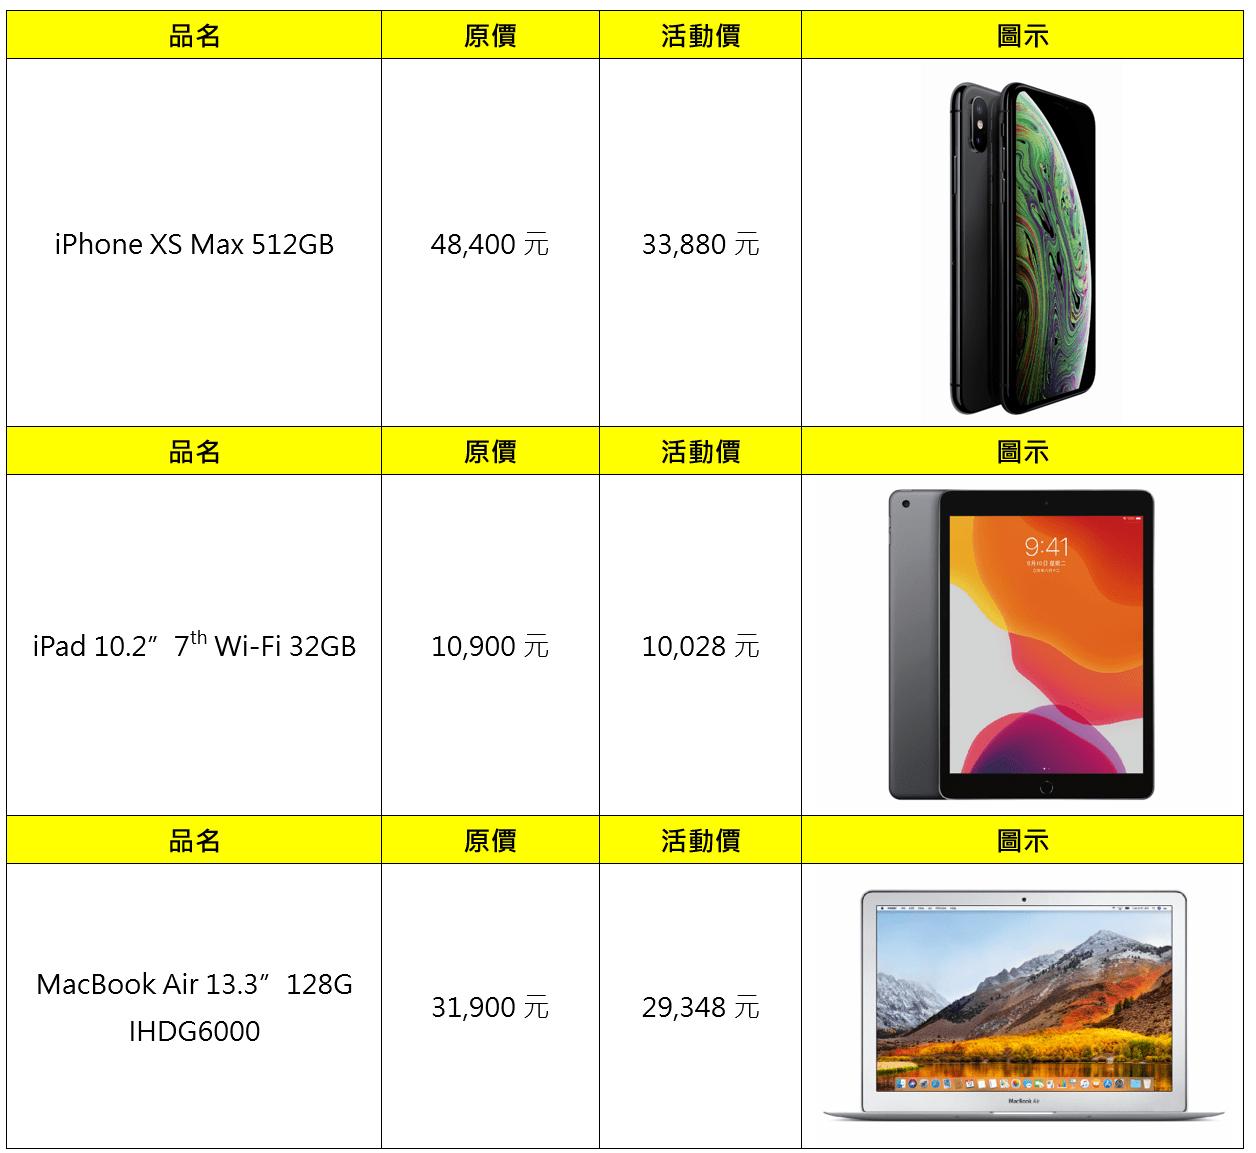 開工必買 Apple Day 來了! 1/31 只有一天就在燦坤 指定 iPhone 最高折 3000 元 iPad 全系列直降 92 折 – 3C 達人廖阿輝